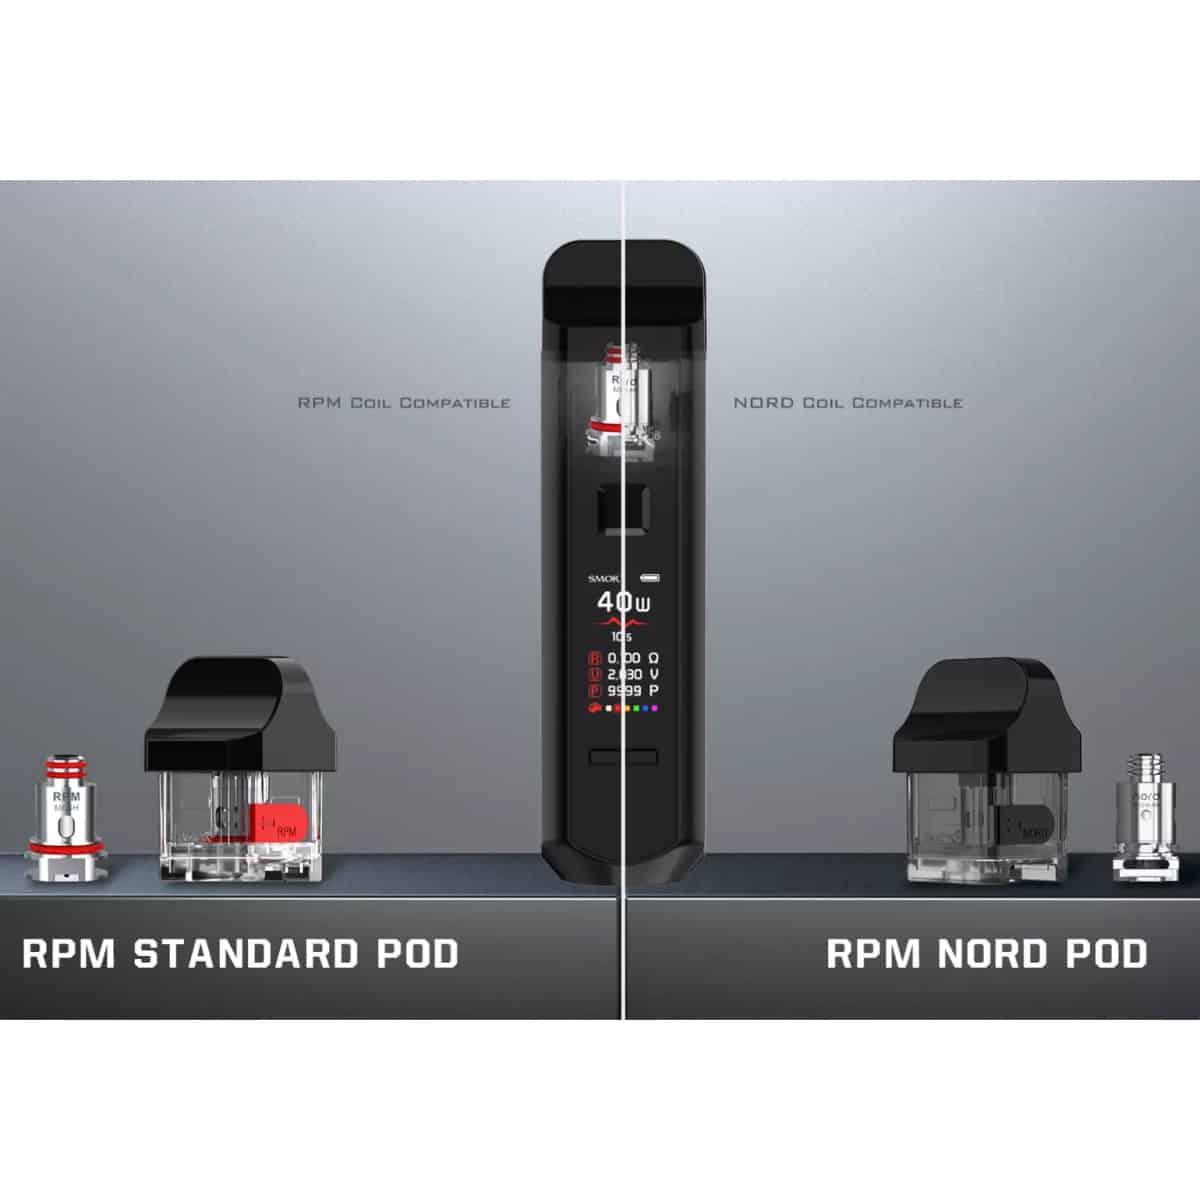 Smok Rpm40 Coil Compatibility